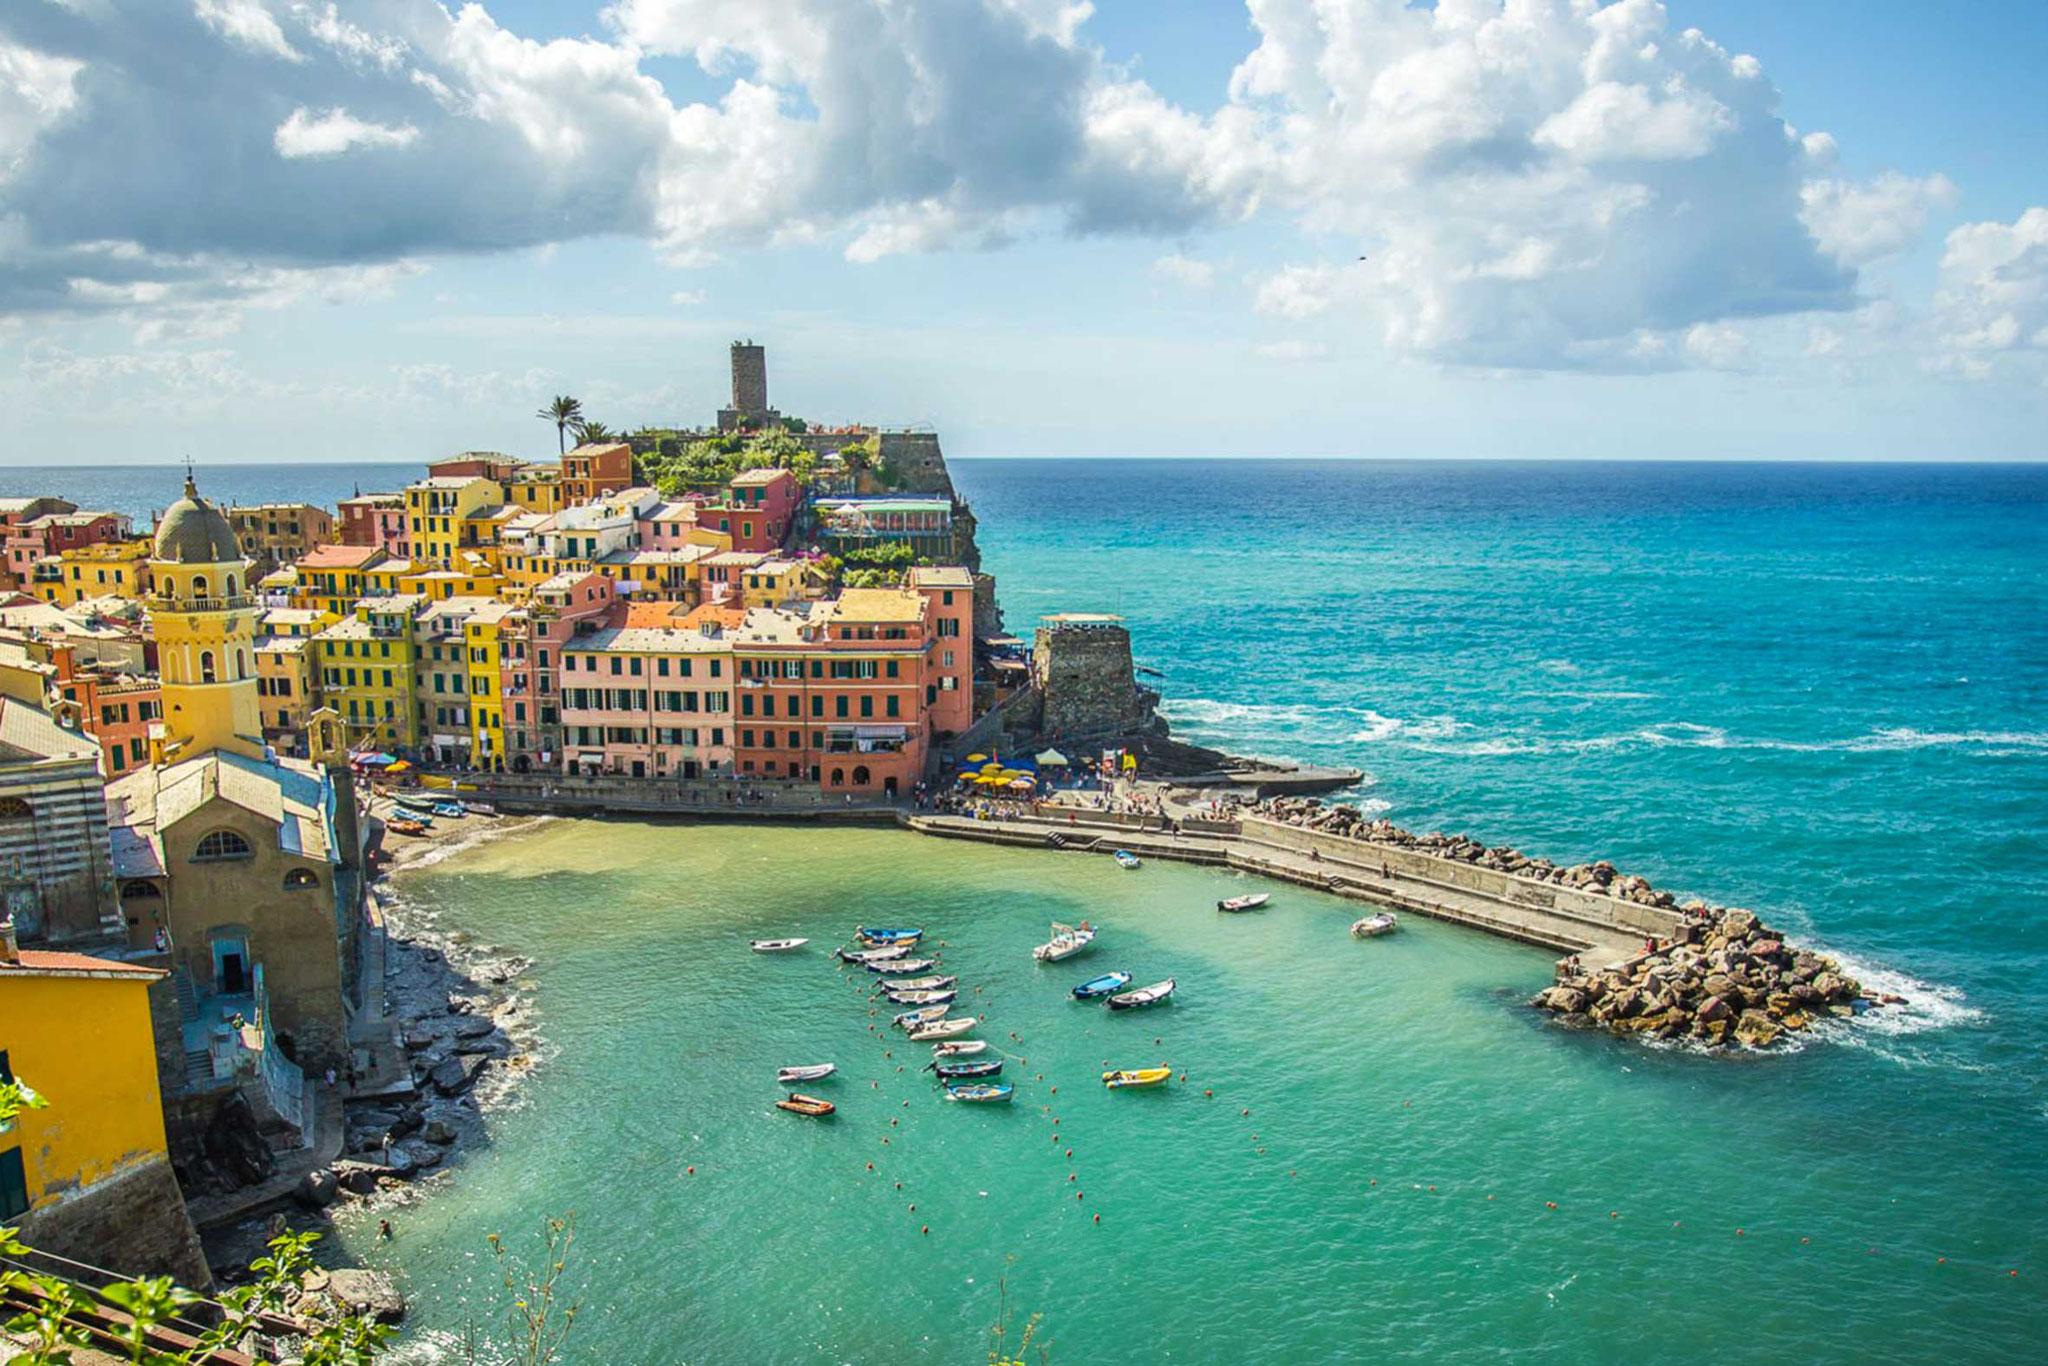 Unvergesslich: Bootstour zu den malerischen Cinque Terre